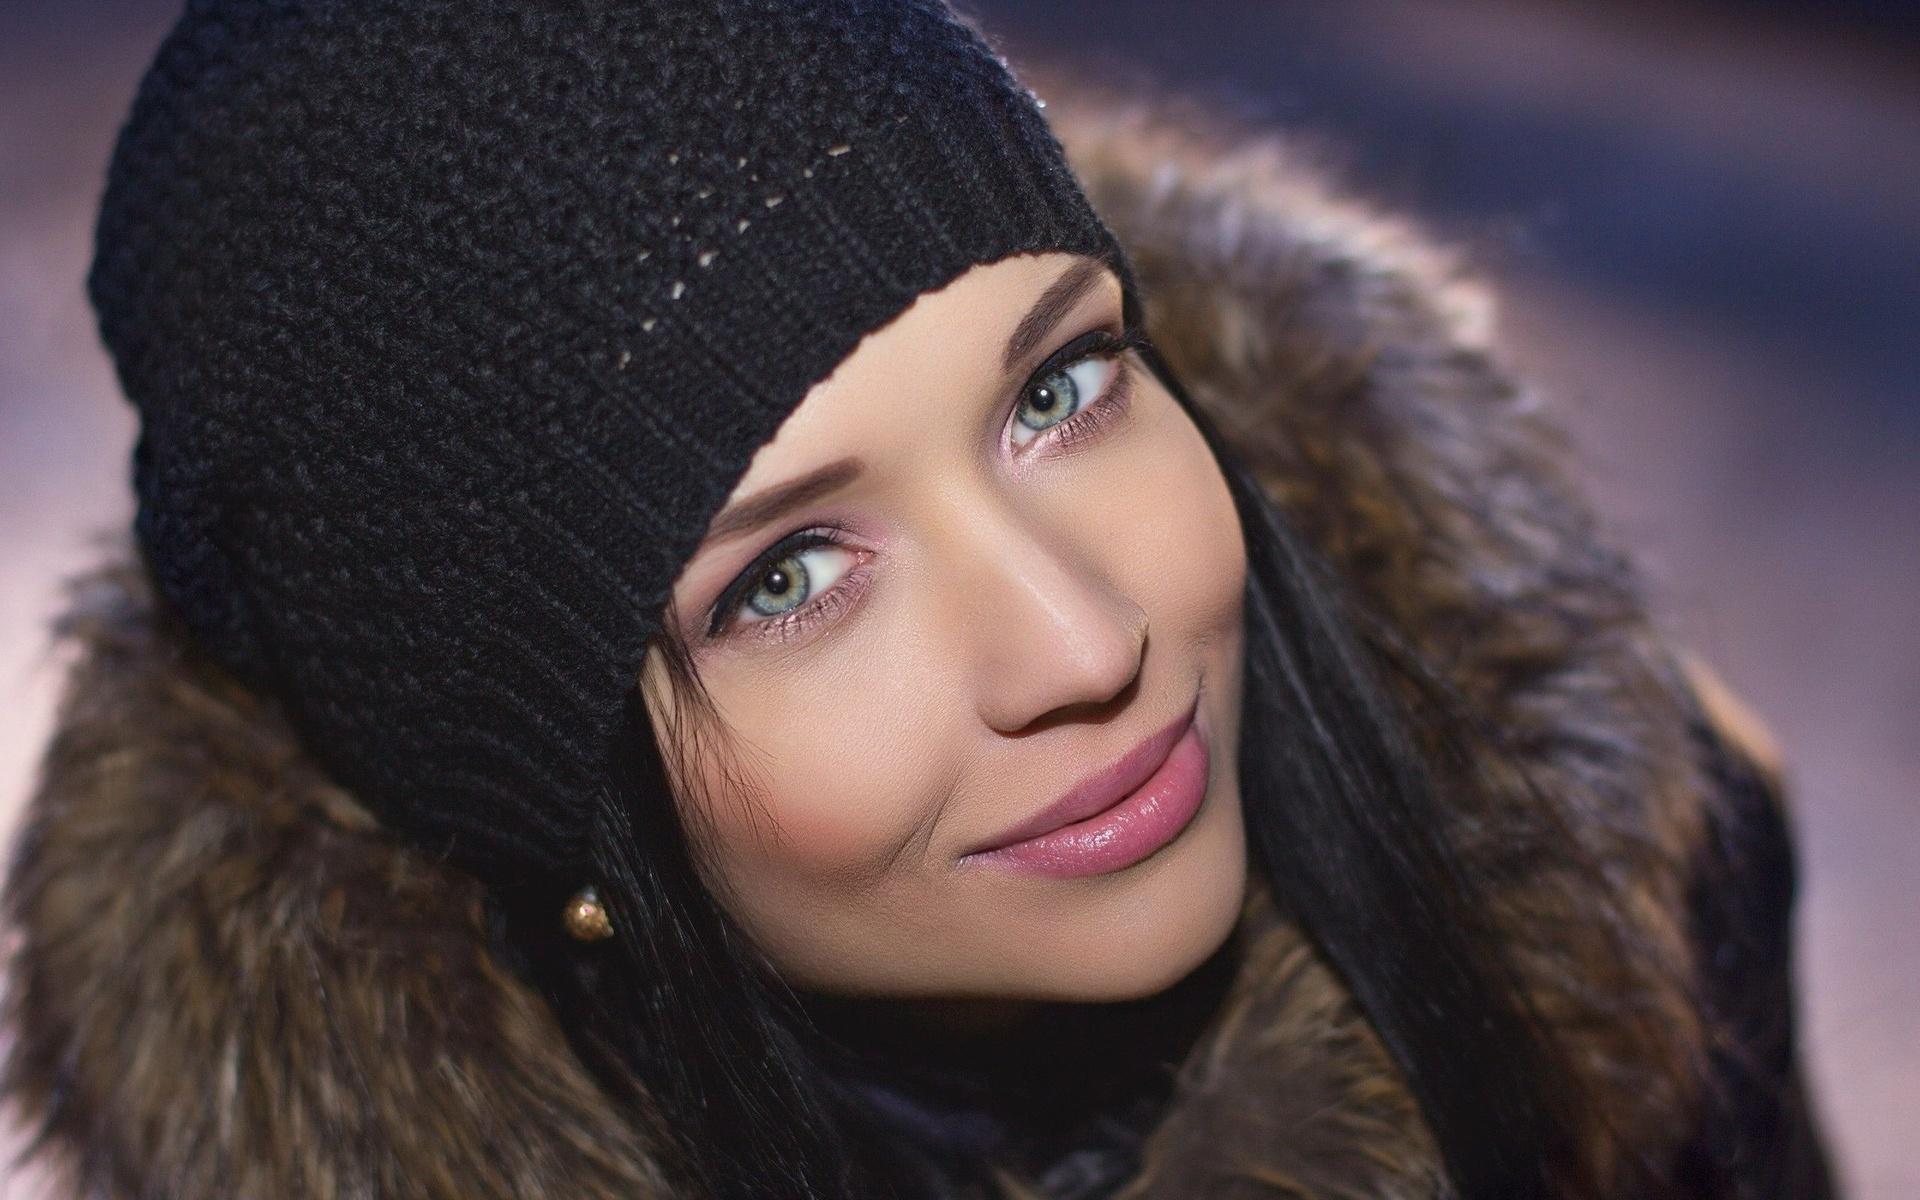 красивое женское фото на аву реальные